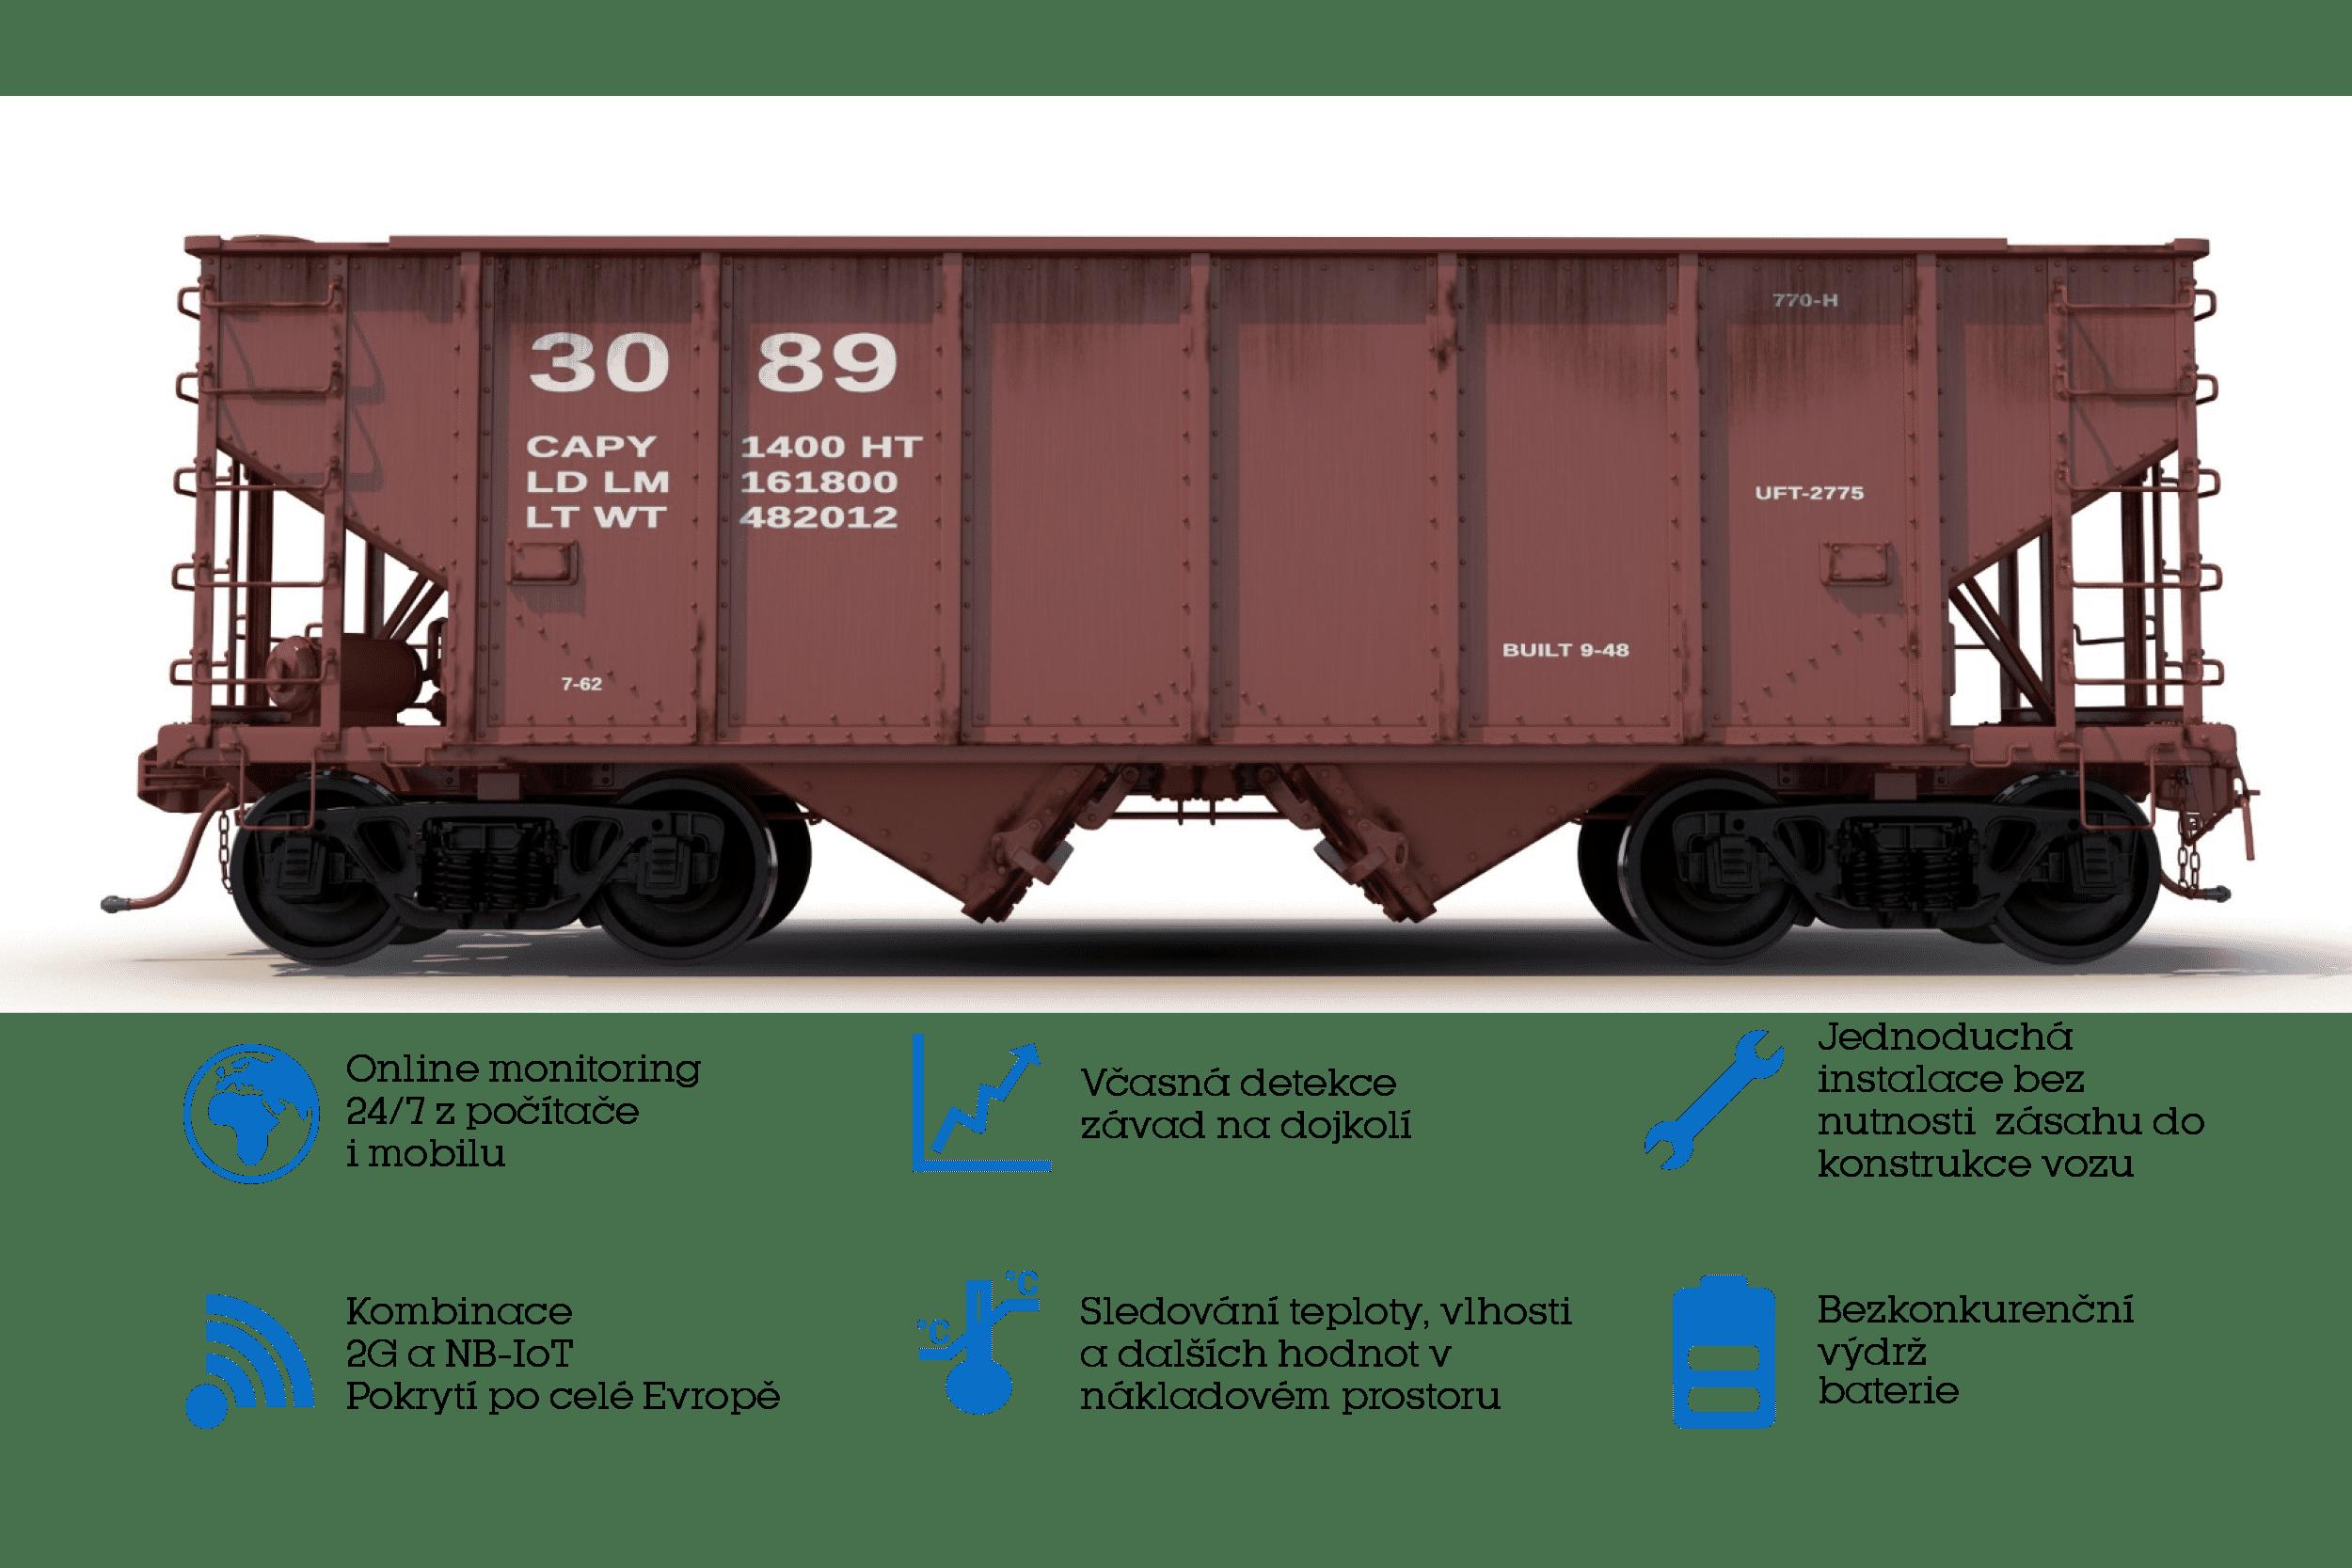 Obrázek monitoring vagonu